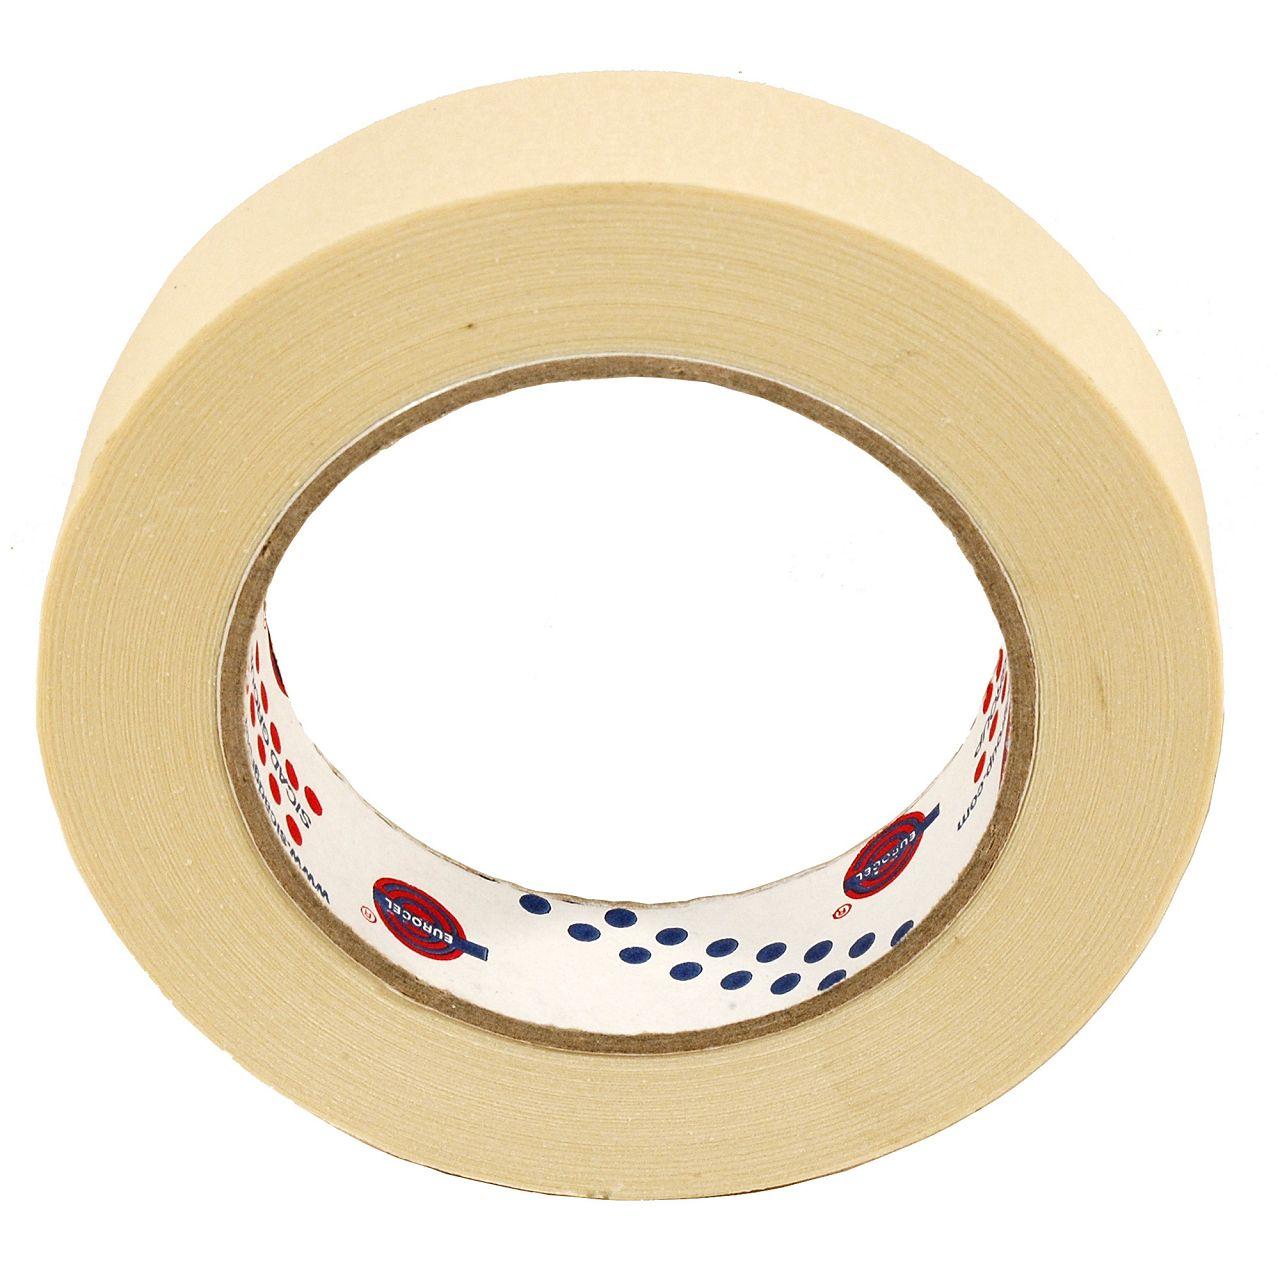 1 Rolle Kreppband Malerkrepp Abklebeband Malerband Kreppklebeband 25mm x 50m